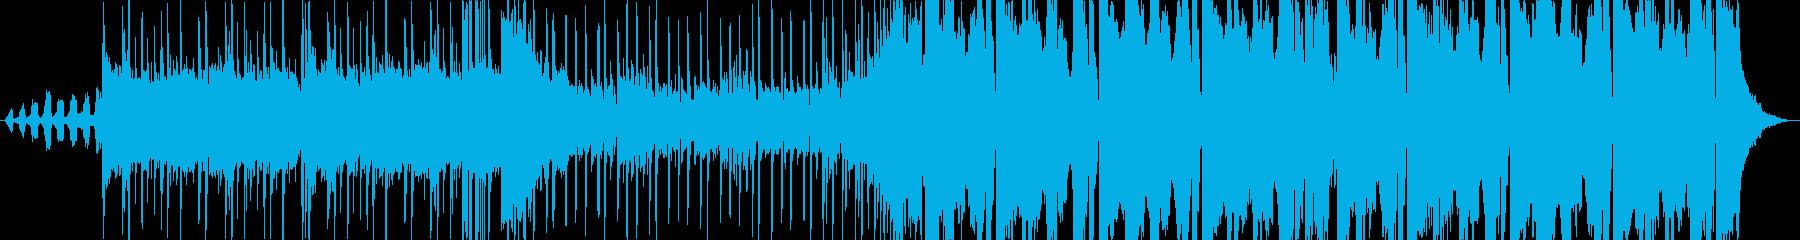 ダークでクールなTrap+Rockの再生済みの波形